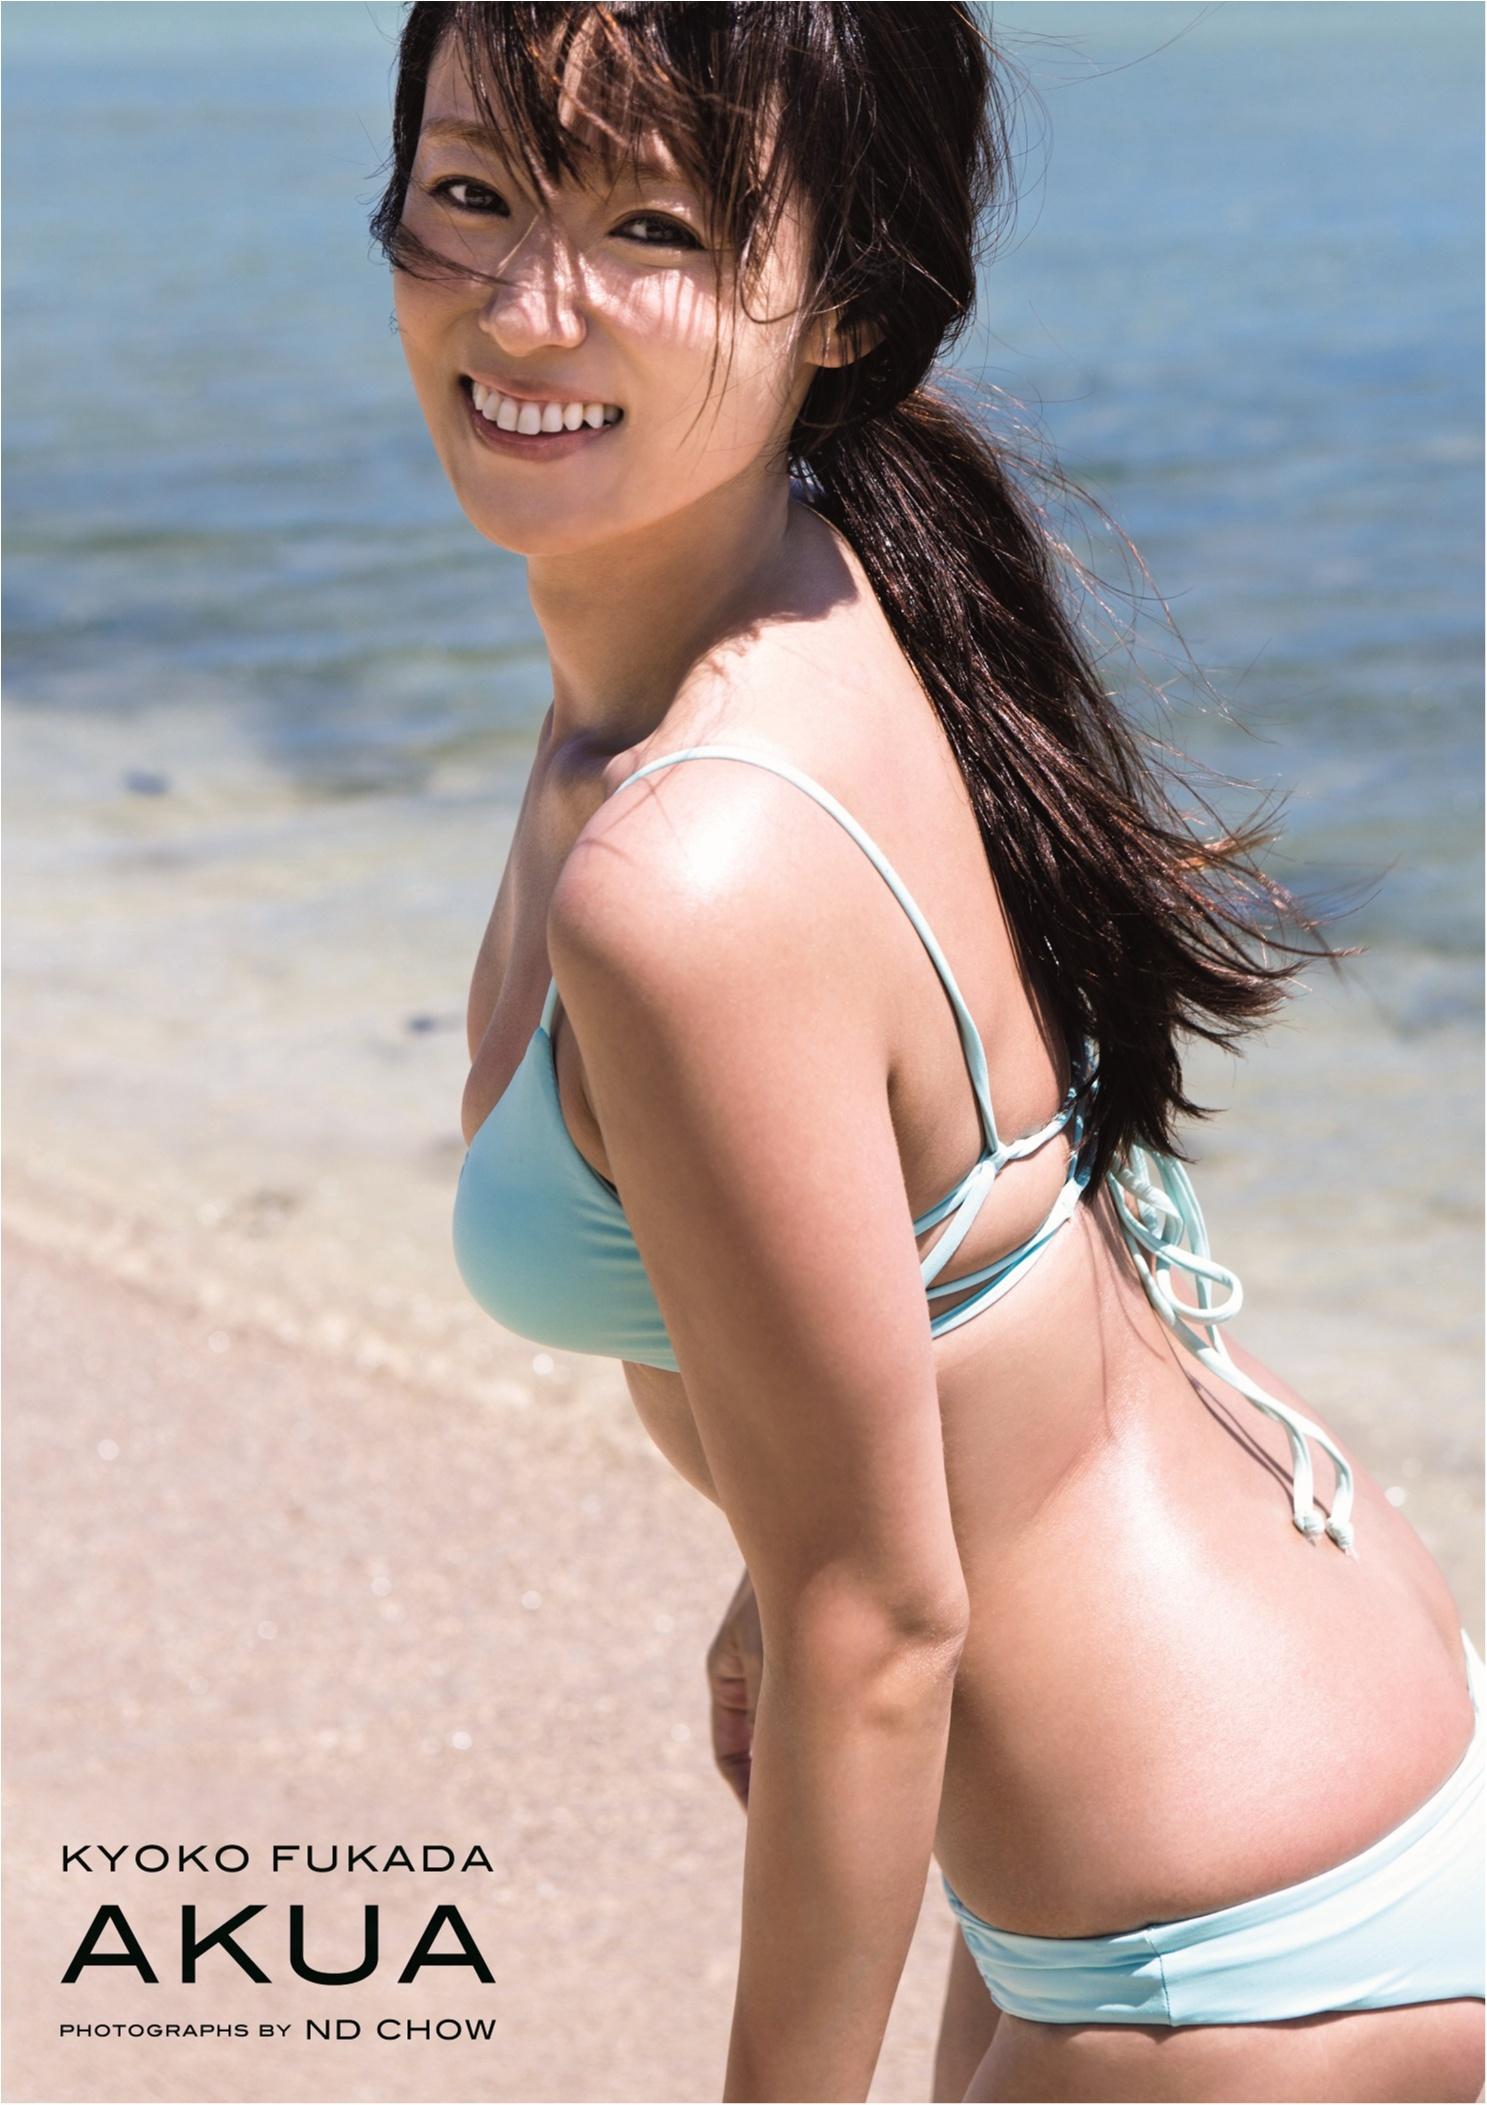 いよいよ明日23日! 深田恭子さんの美しすぎる最新写真集がなんと2冊同時リリース!!_2